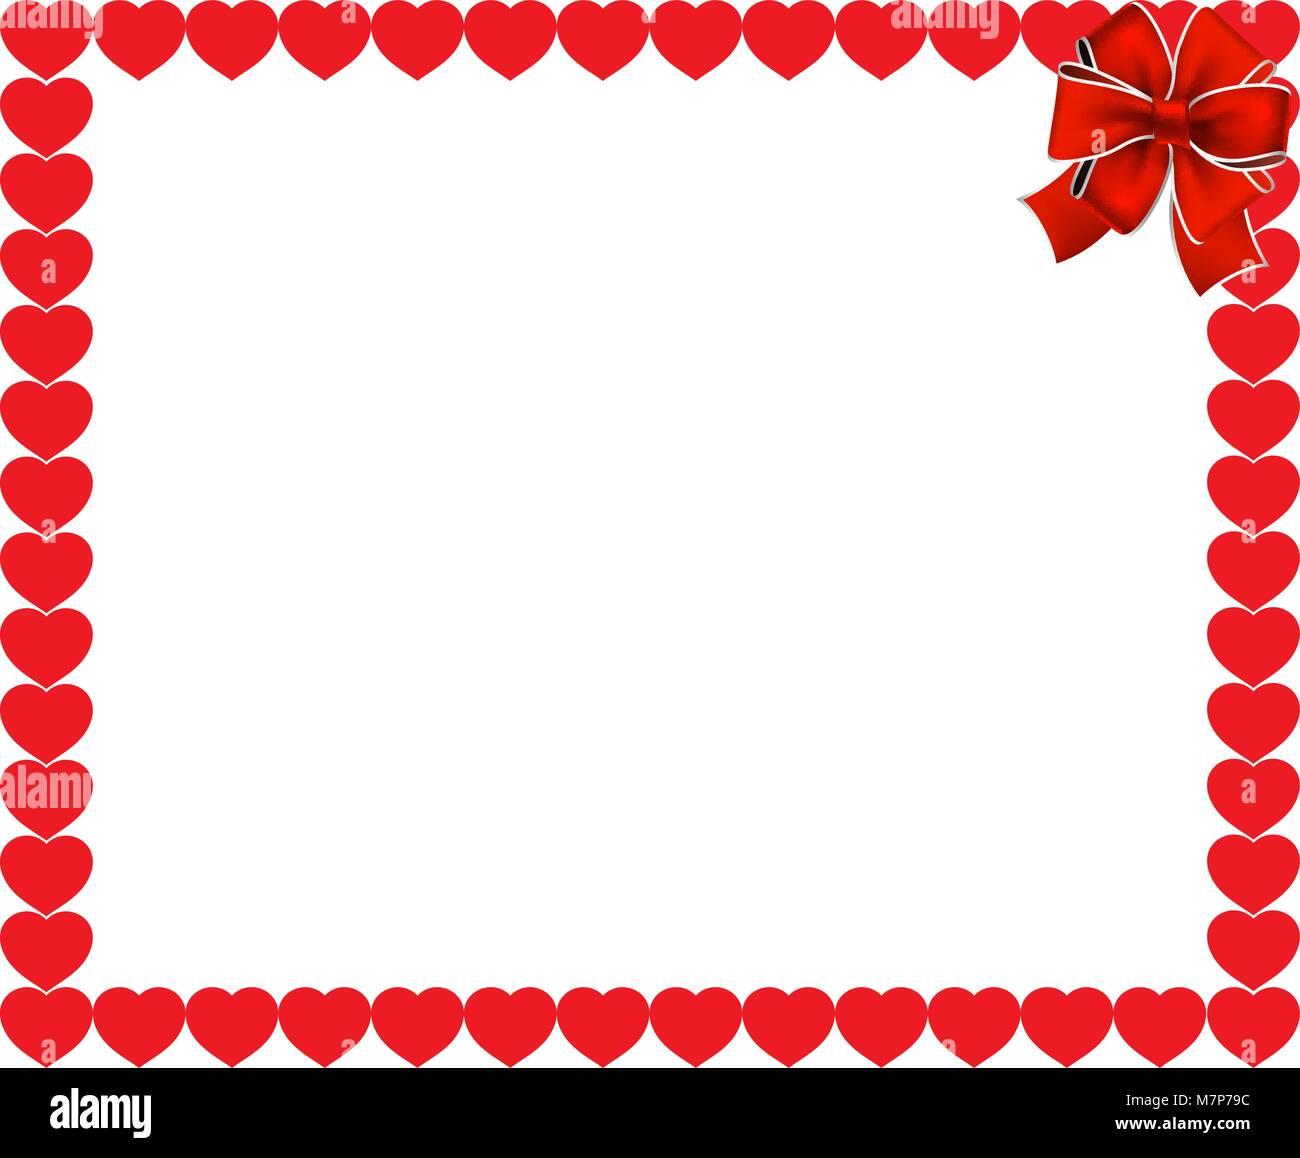 Valentines Tag oder Hochzeit Hintergrund. Rote Herzen Grenze Rahmen ...